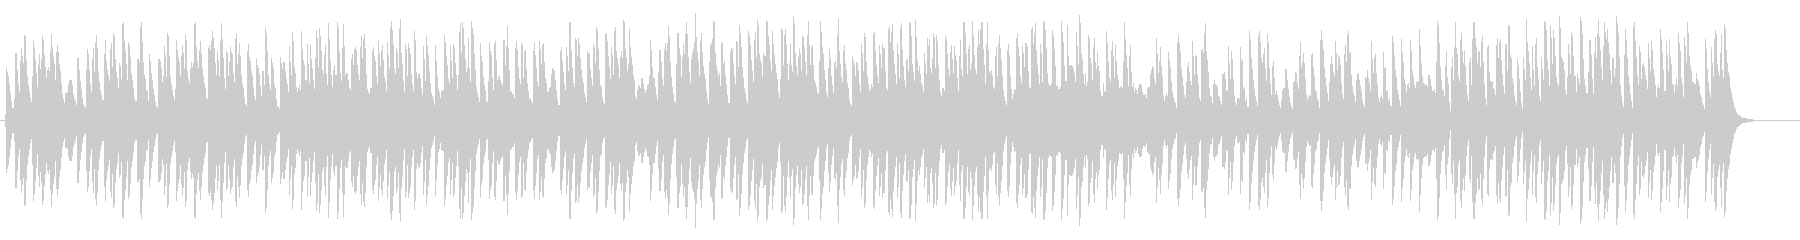 ほんわか明るい・軽快でシンプルなBGM4の未再生の波形